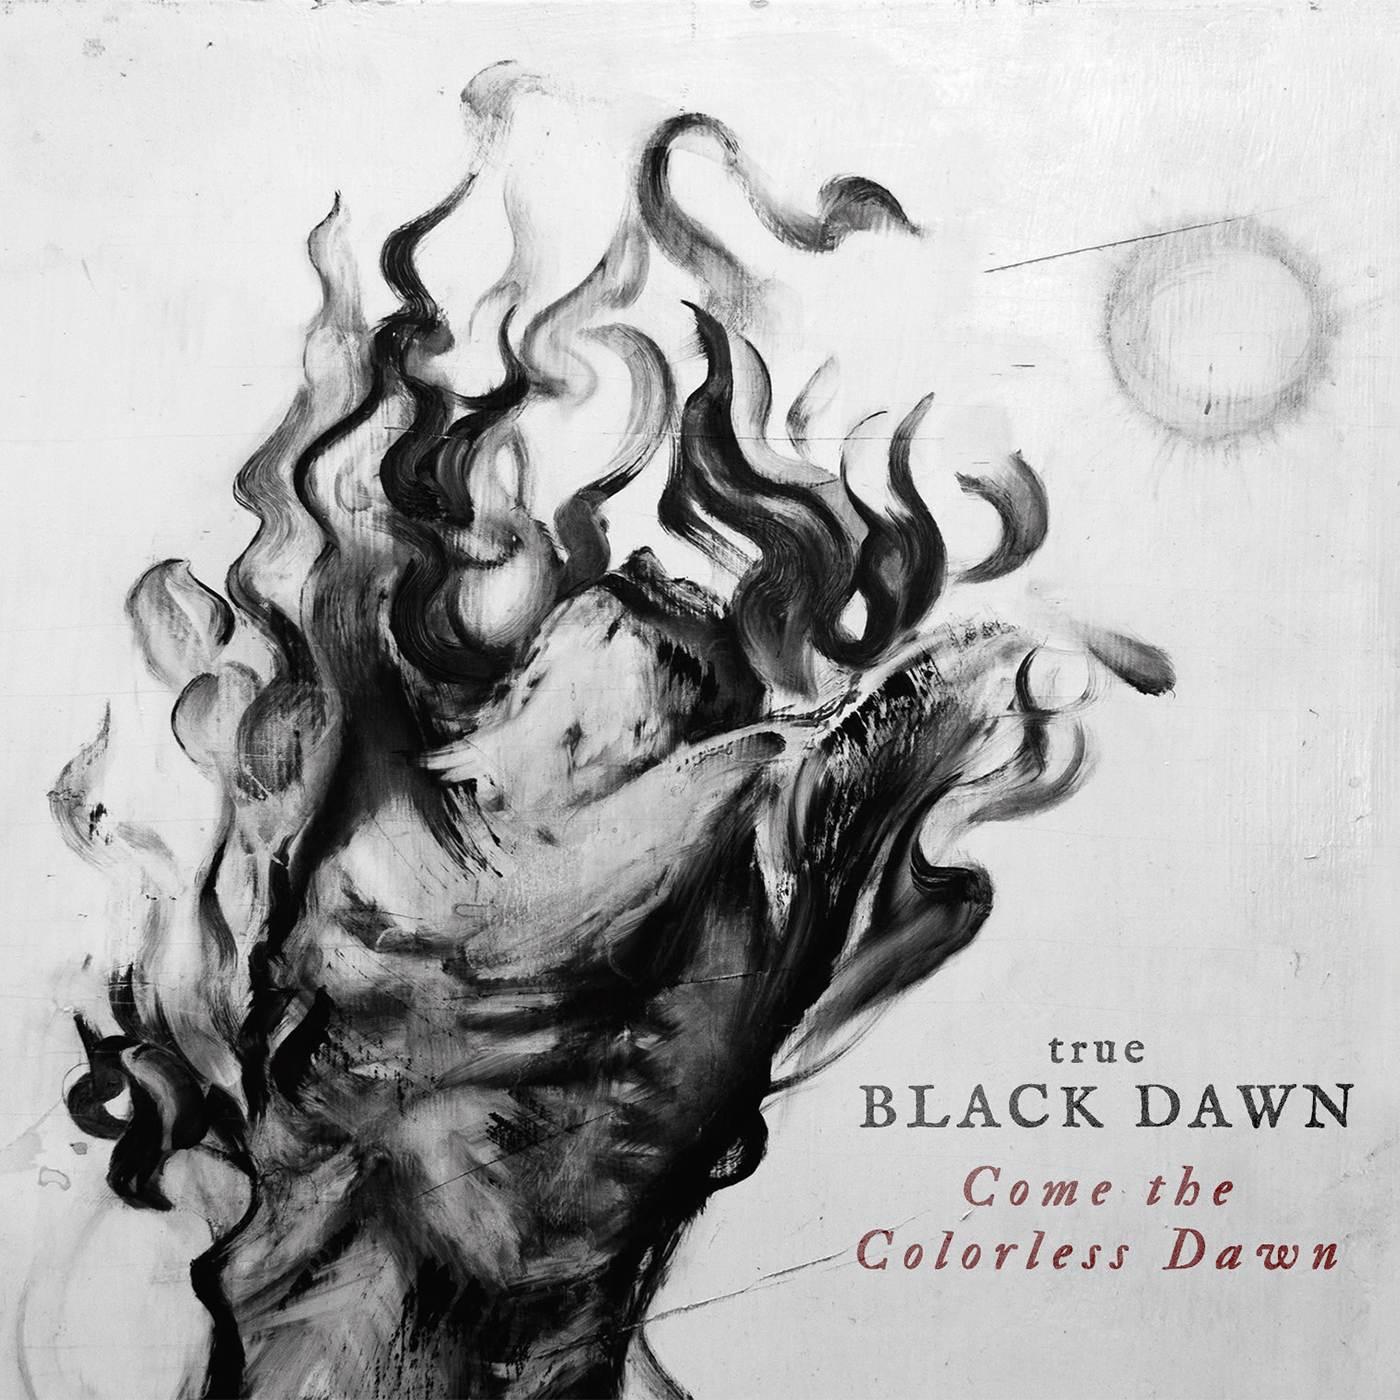 True Black Dawn: Come The Colorless Dawn (2016) Book Cover